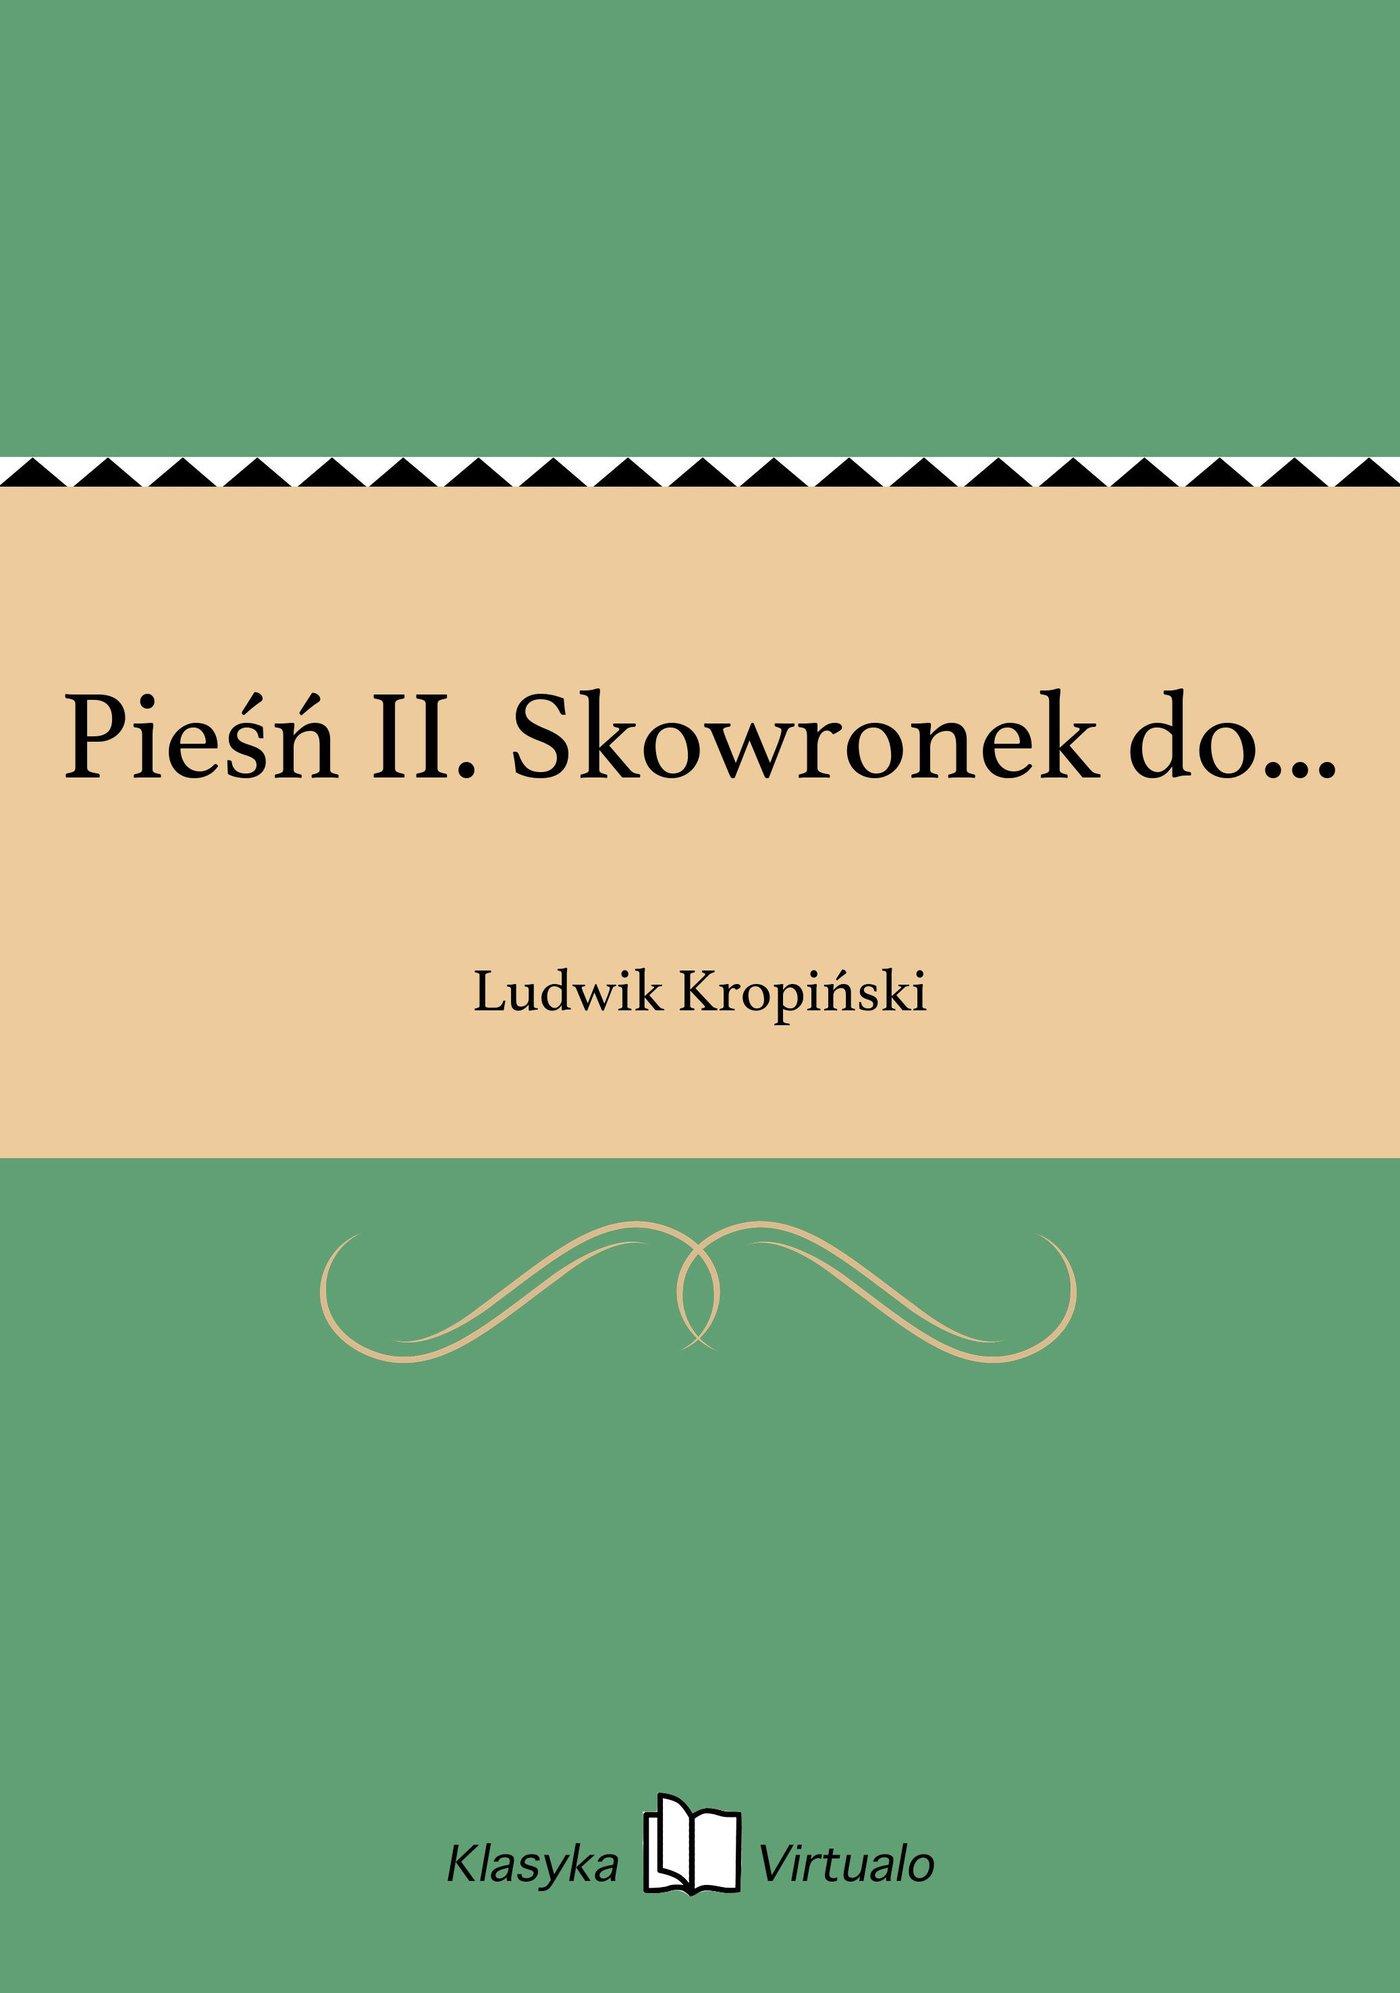 Pieśń II. Skowronek do... - Ebook (Książka EPUB) do pobrania w formacie EPUB